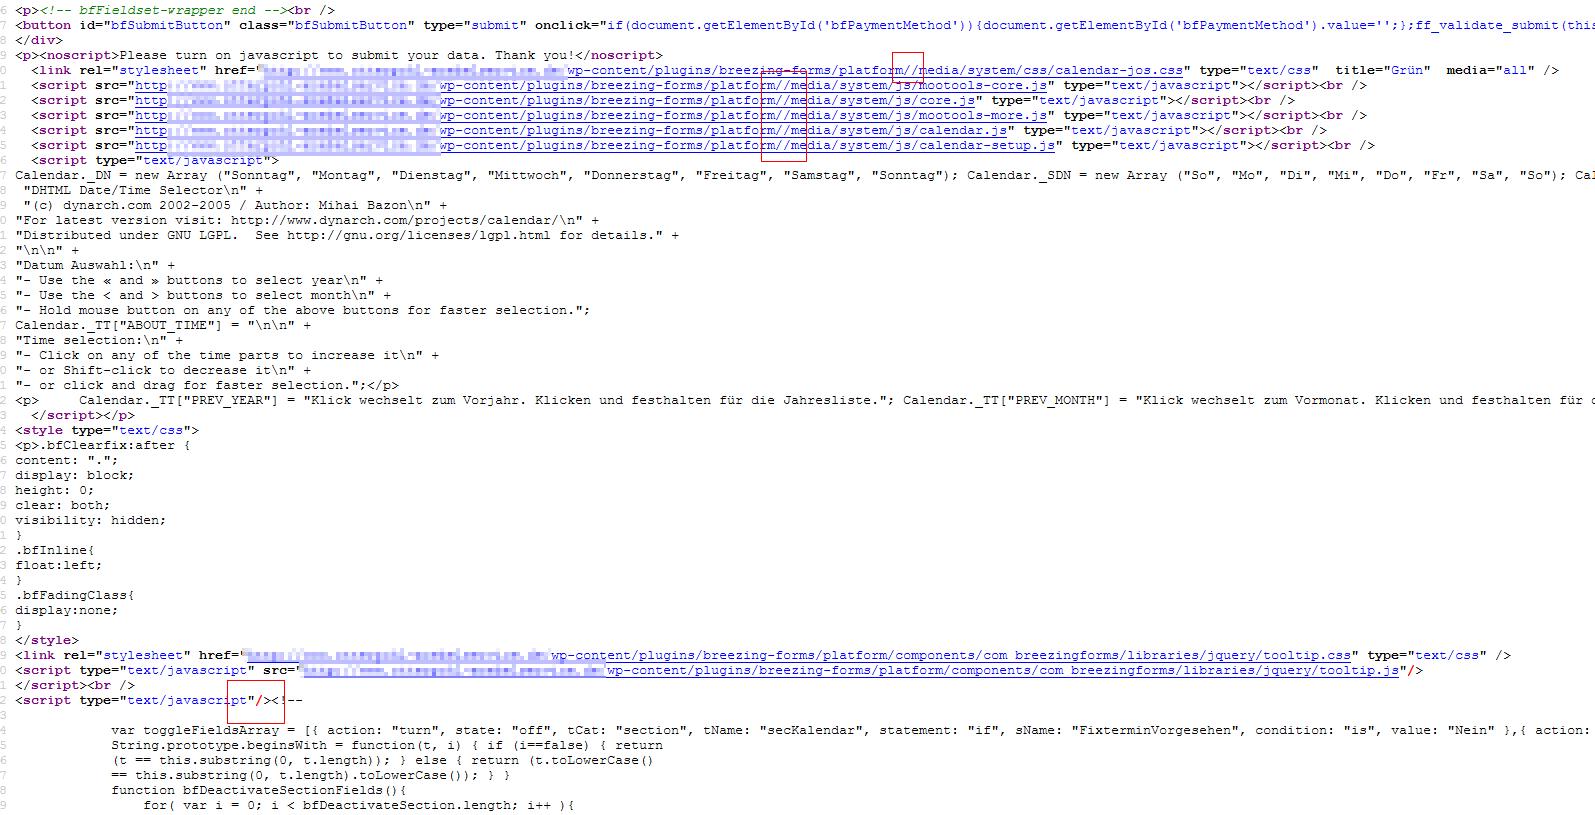 Calendar not working (TypeError: Calendar _TT is undefined